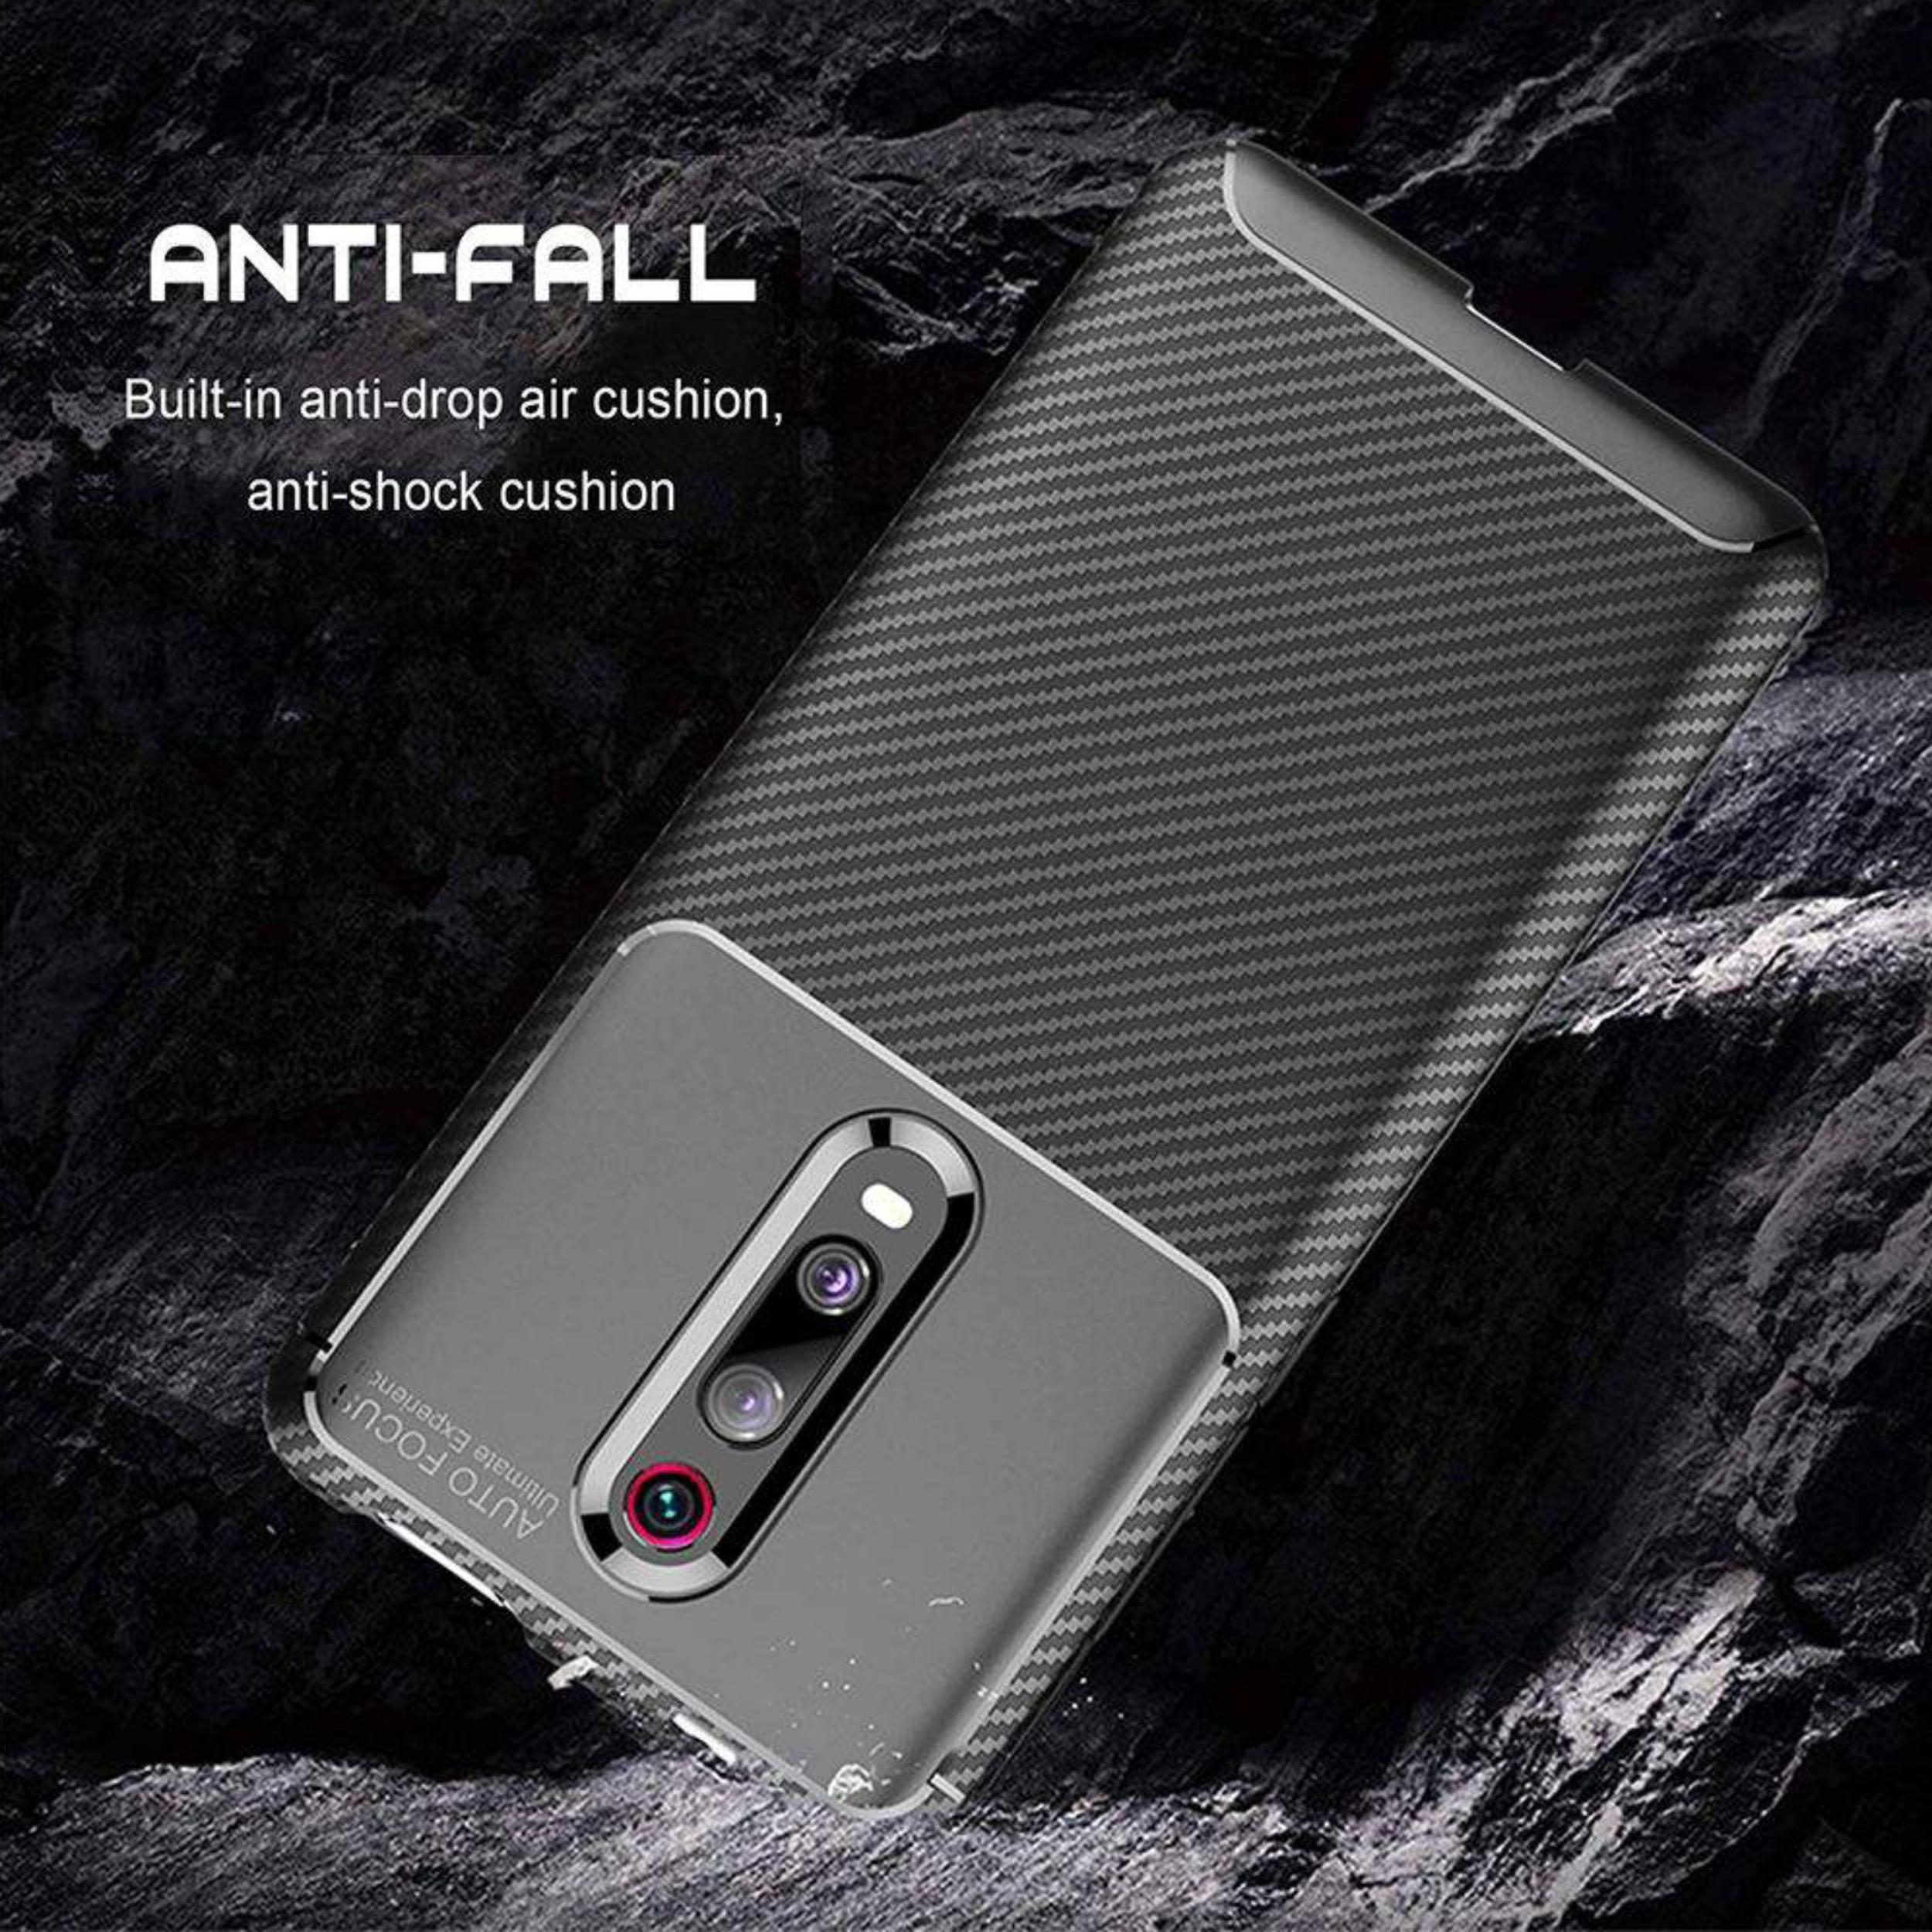 کاور لاین کینگ مدل A21 مناسب برای گوشی موبایل شیائومی Mi 9T / Mi9T pro thumb 2 5